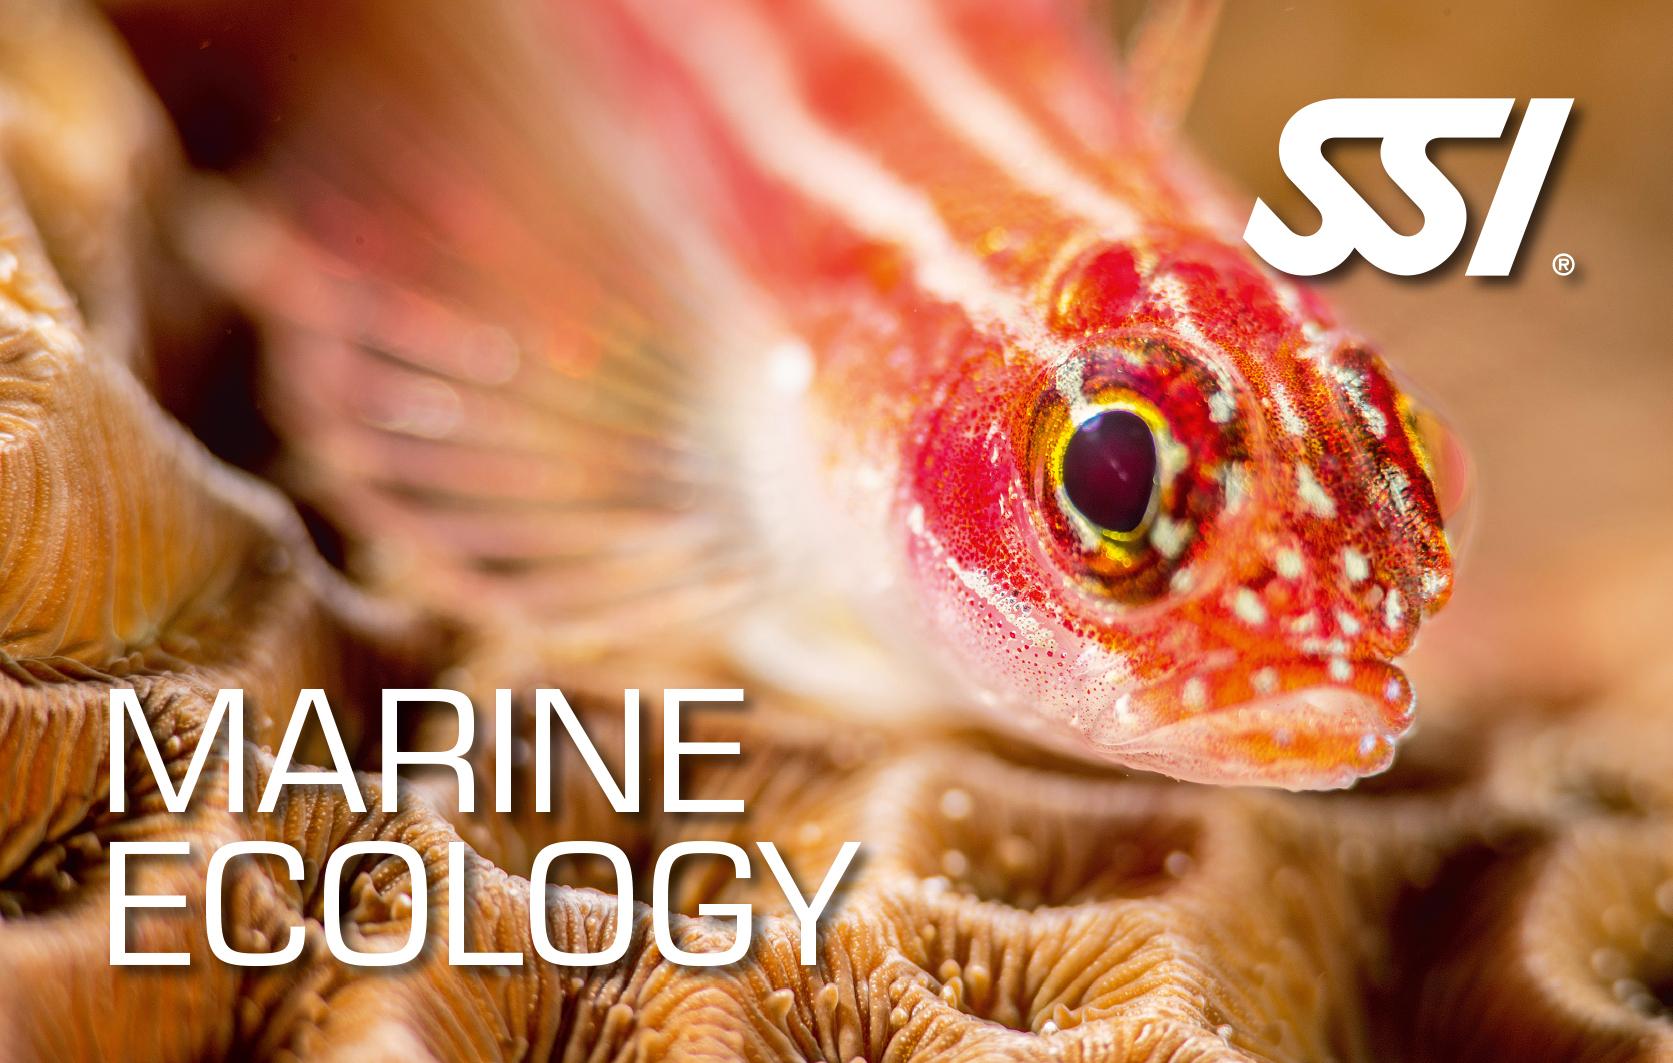 SSI Marine Ecological Diver